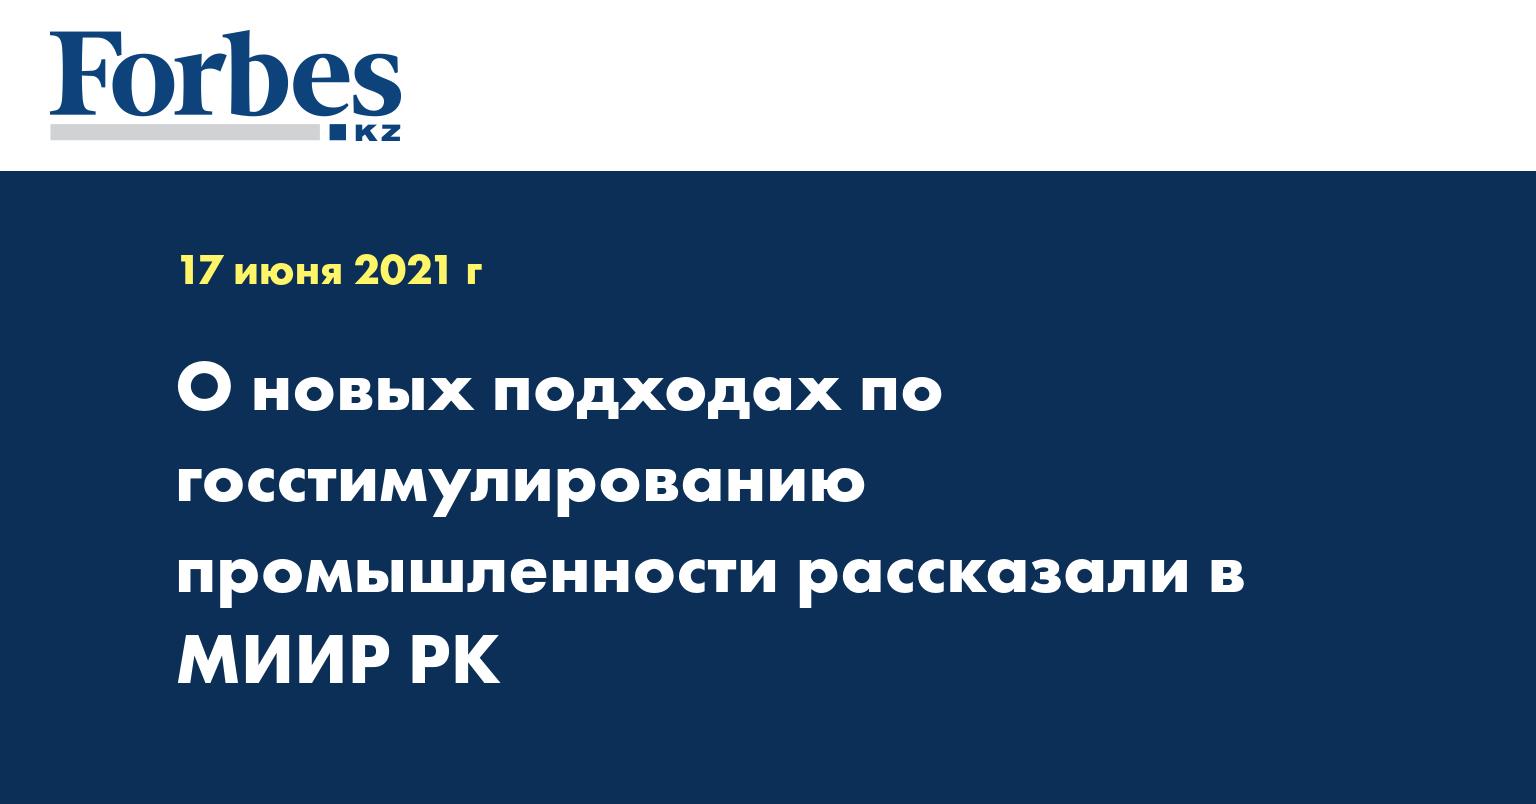 О новых подходах по госстимулированию промышленности рассказали в МИИР РК